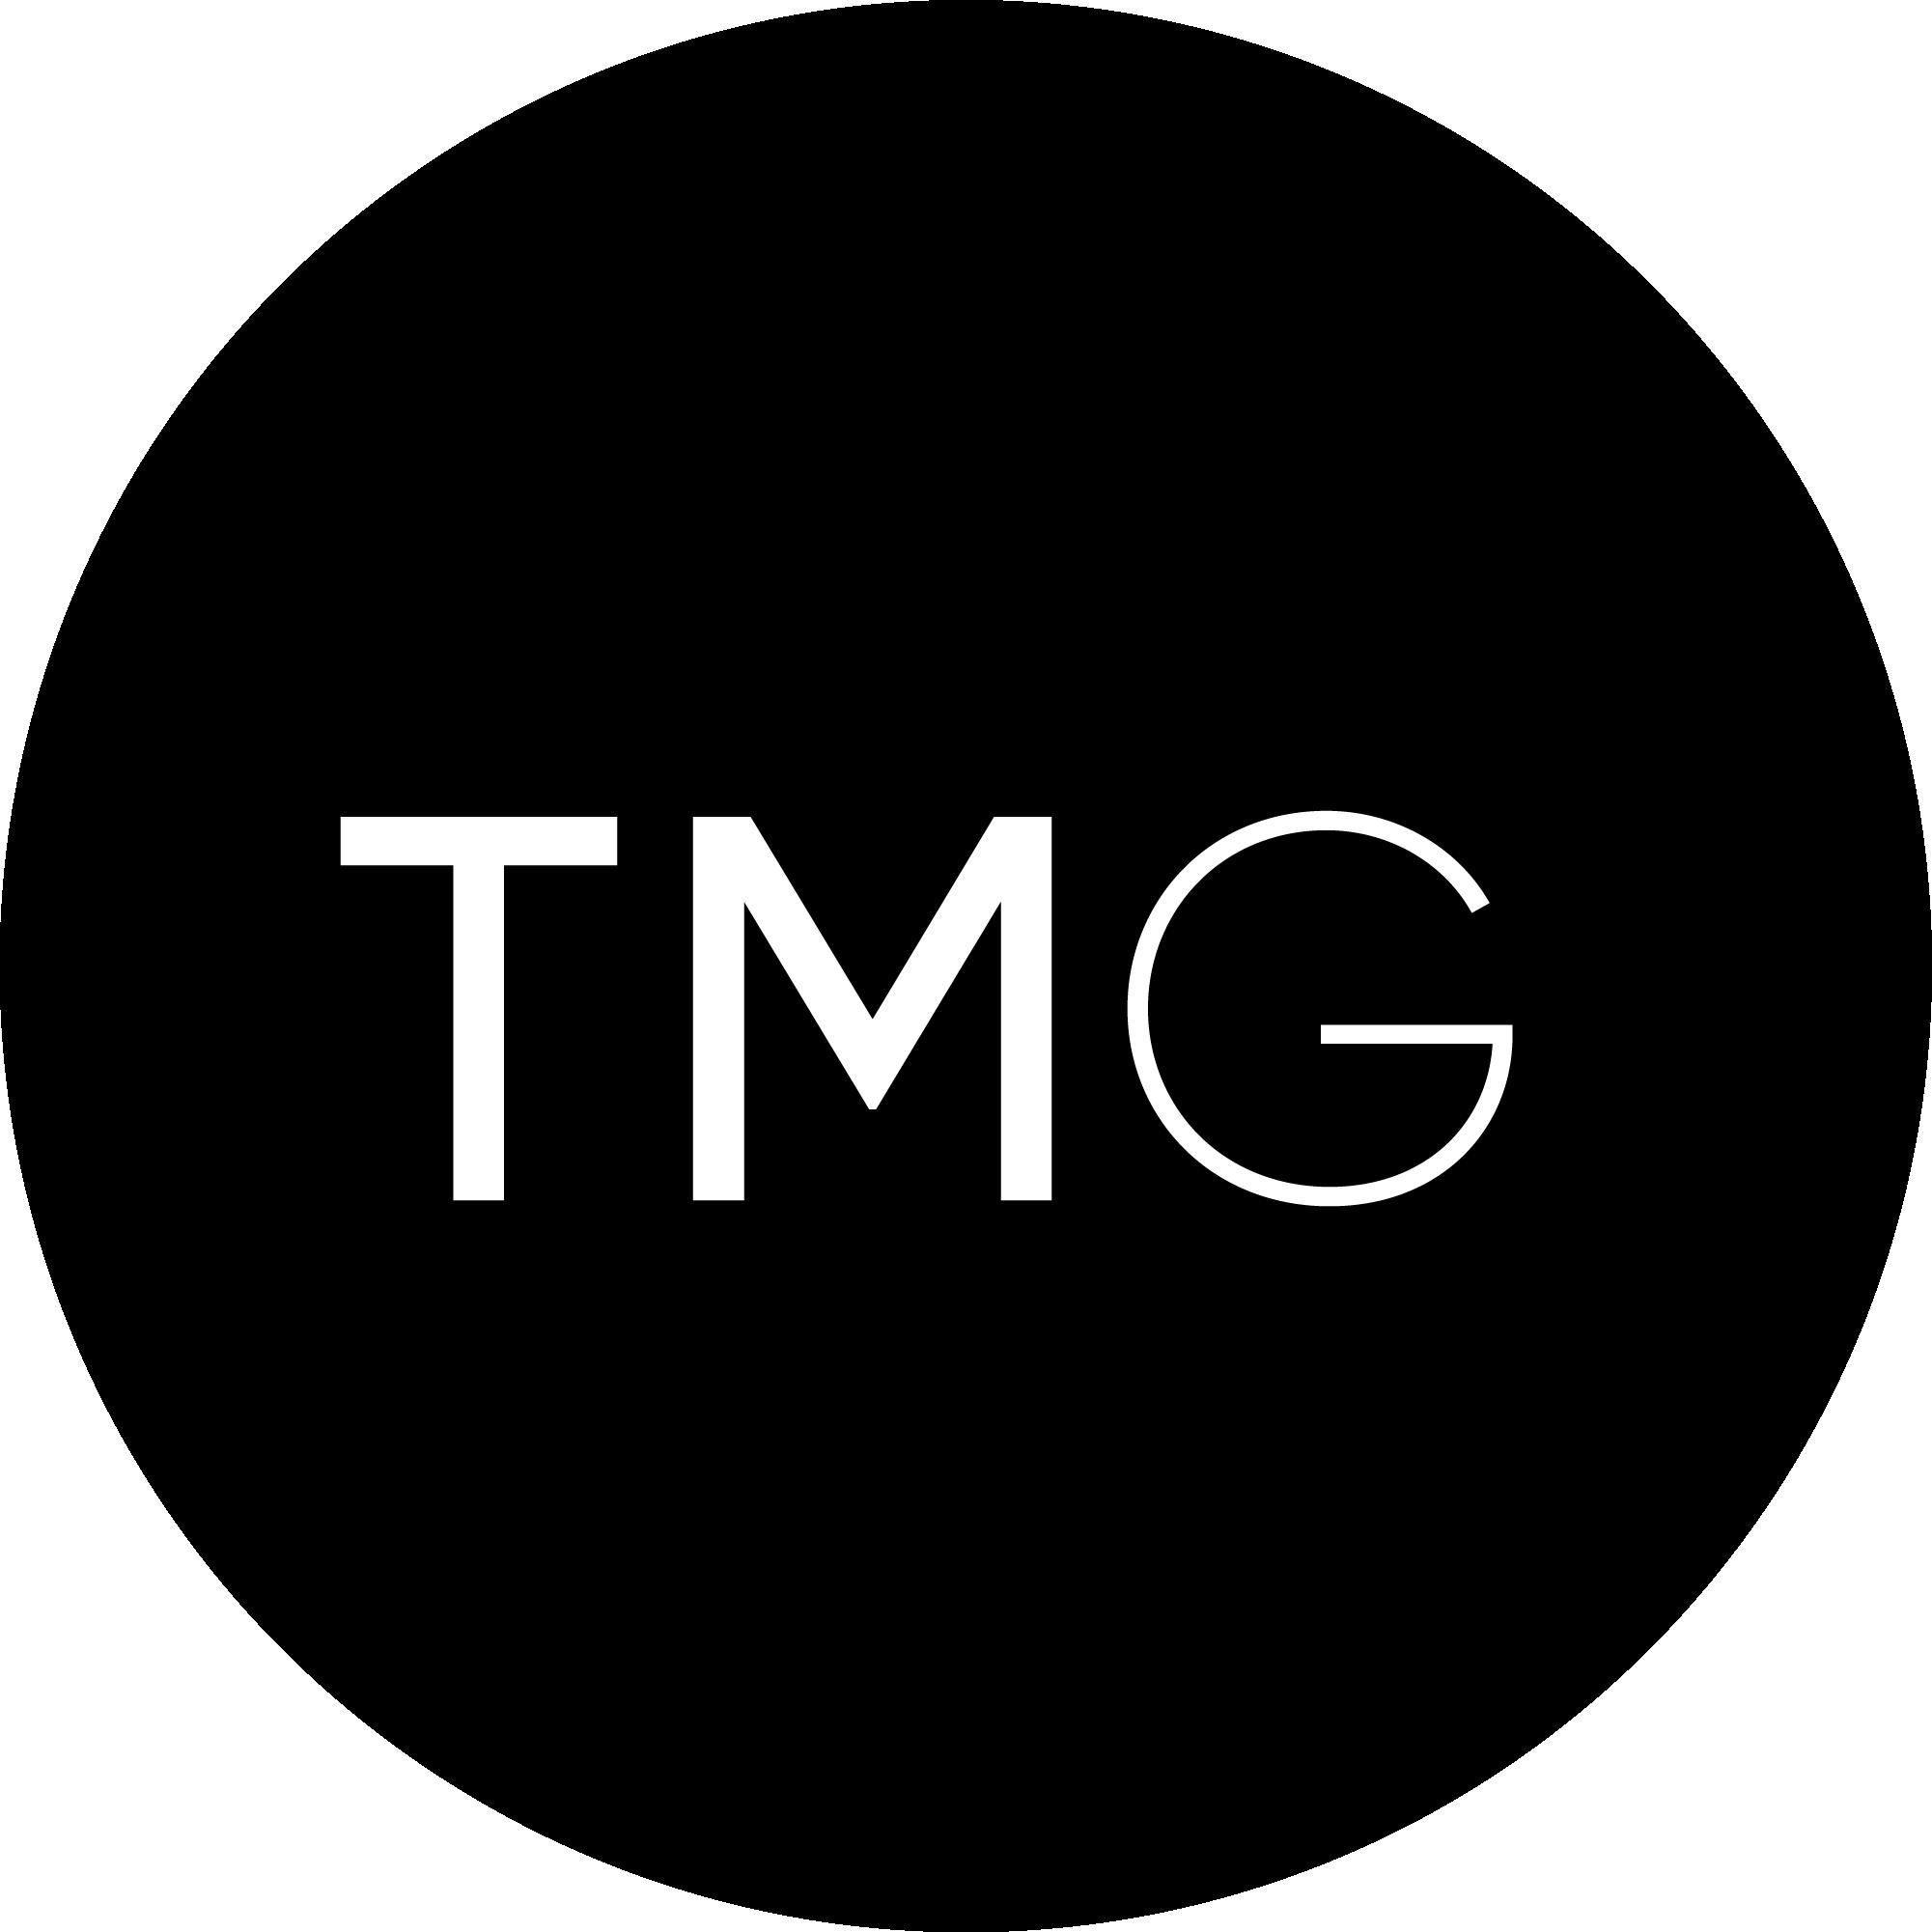 TMG | The Moot Group